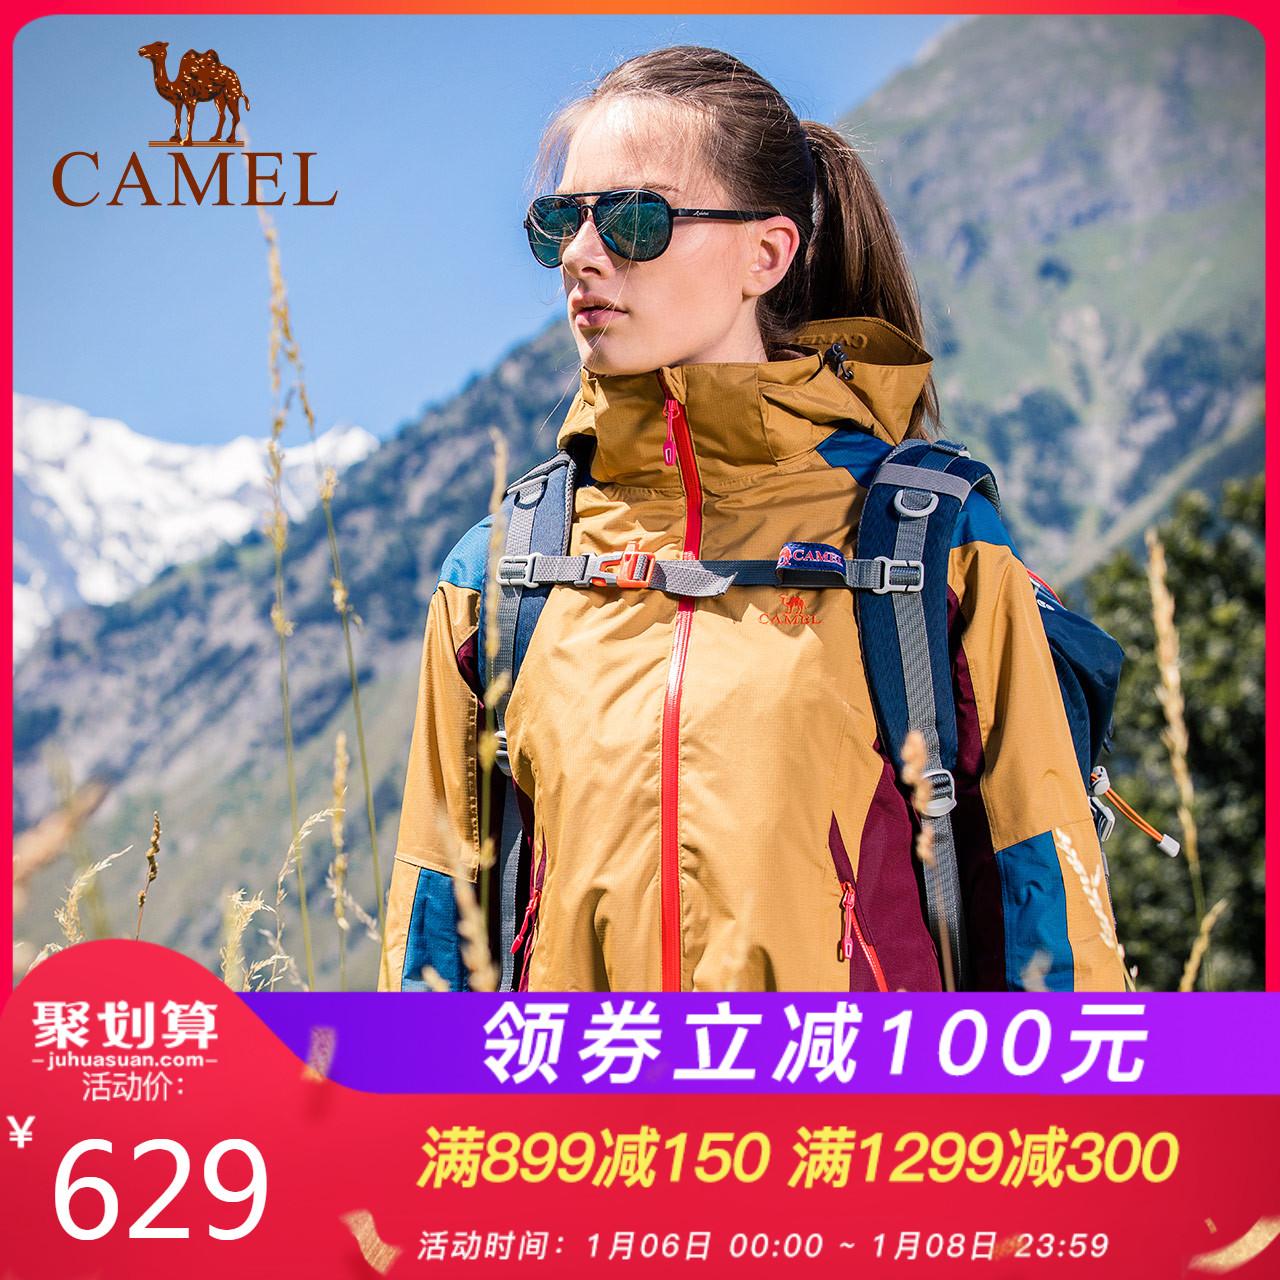 CAMEL骆驼户外冲锋衣男女 三合一两件套保暖防风冲锋衣登山服装